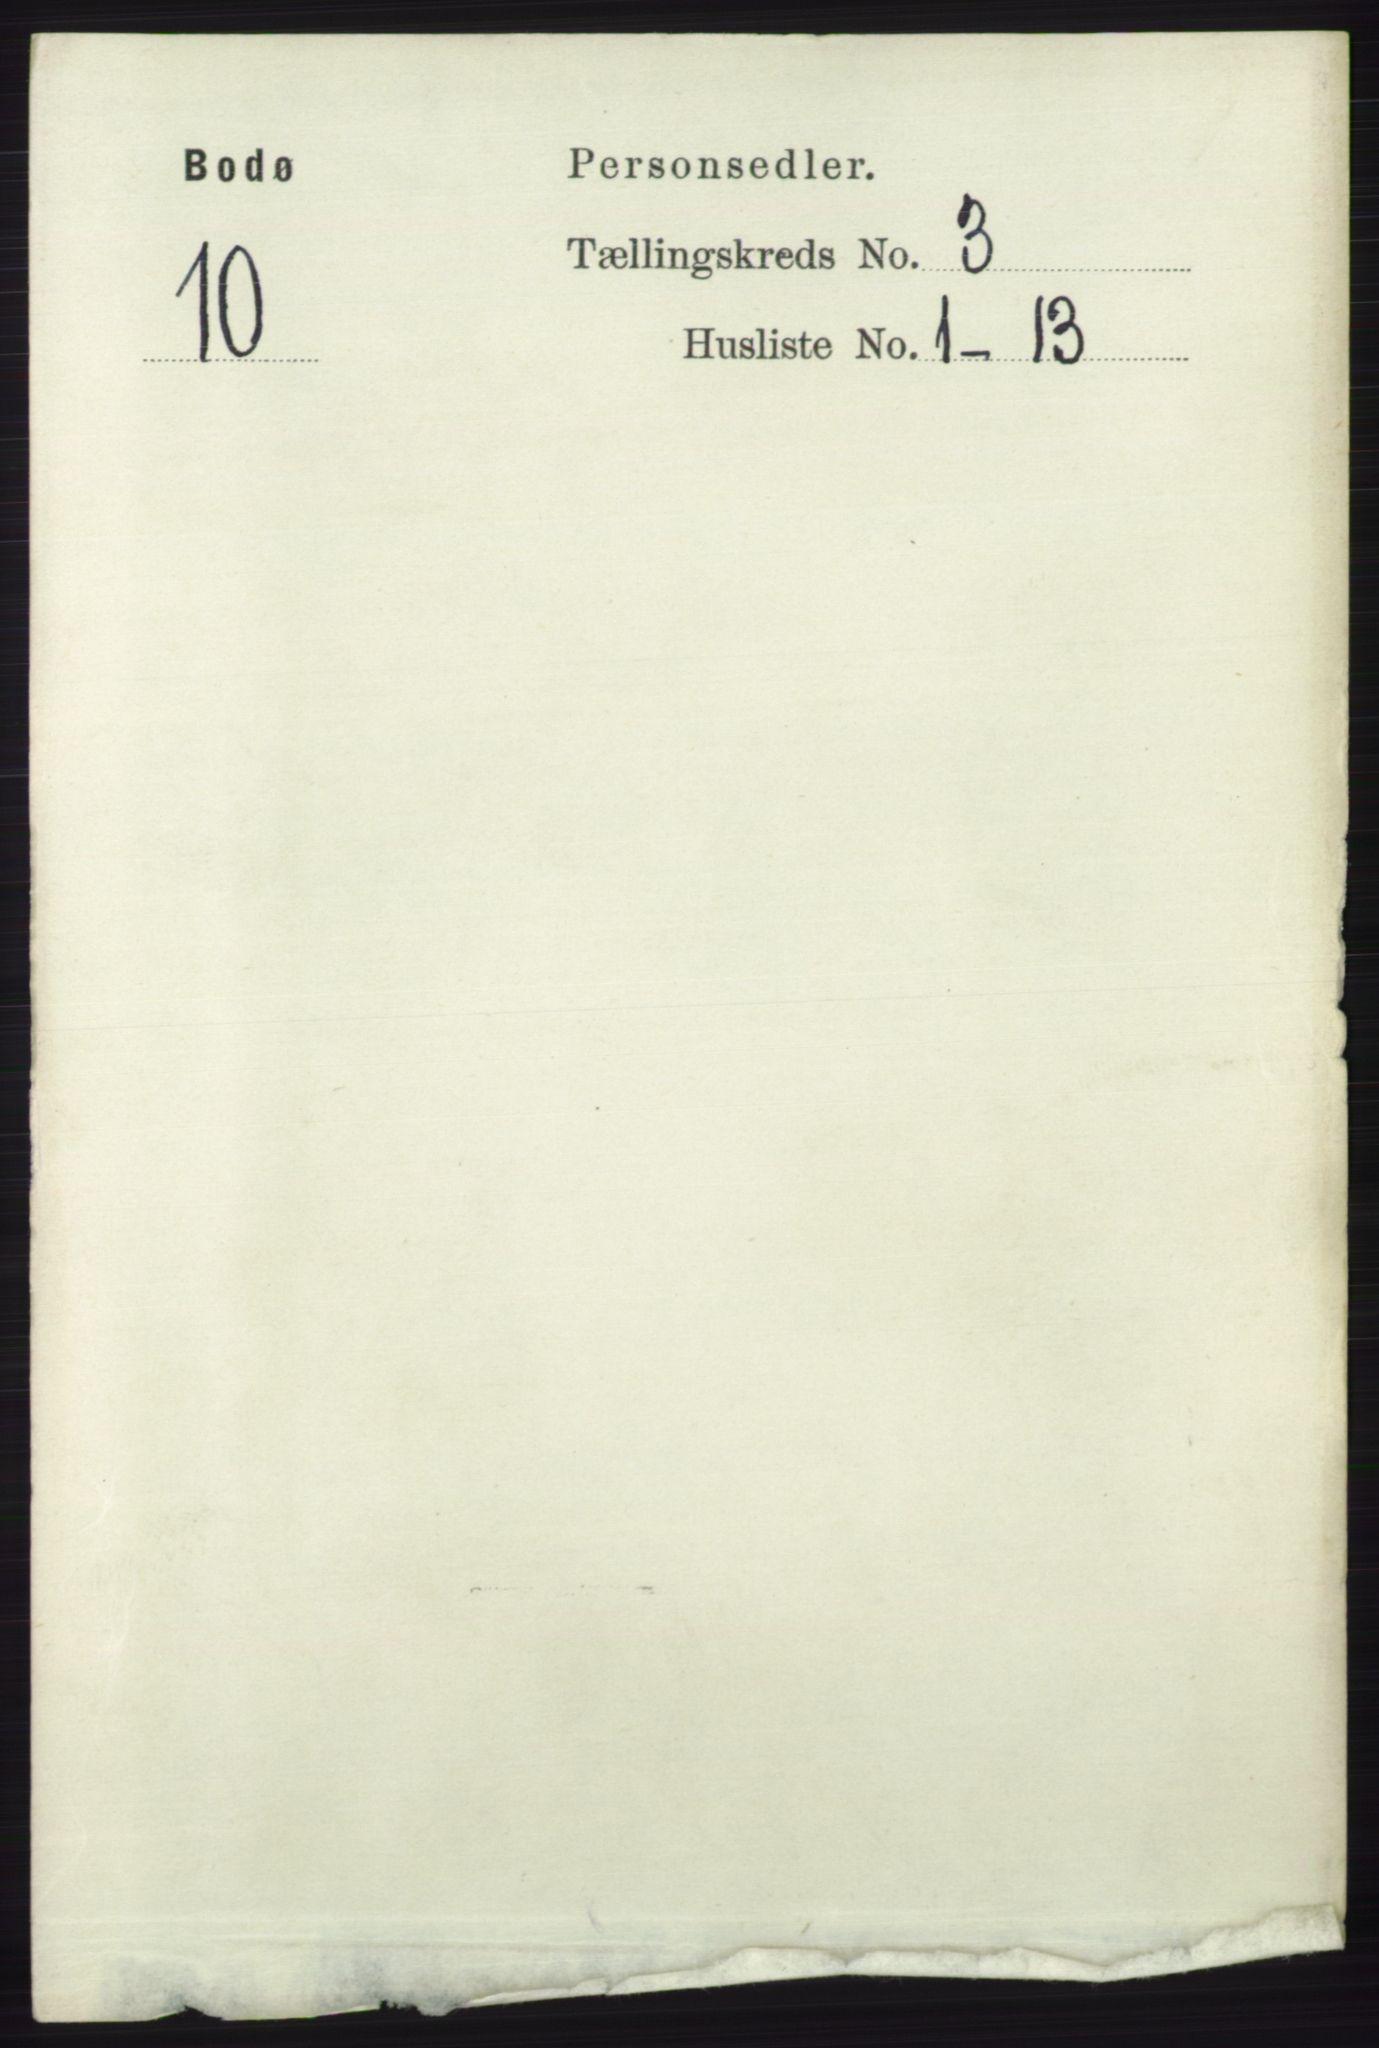 RA, Folketelling 1891 for 1804 Bodø kjøpstad, 1891, s. 2011